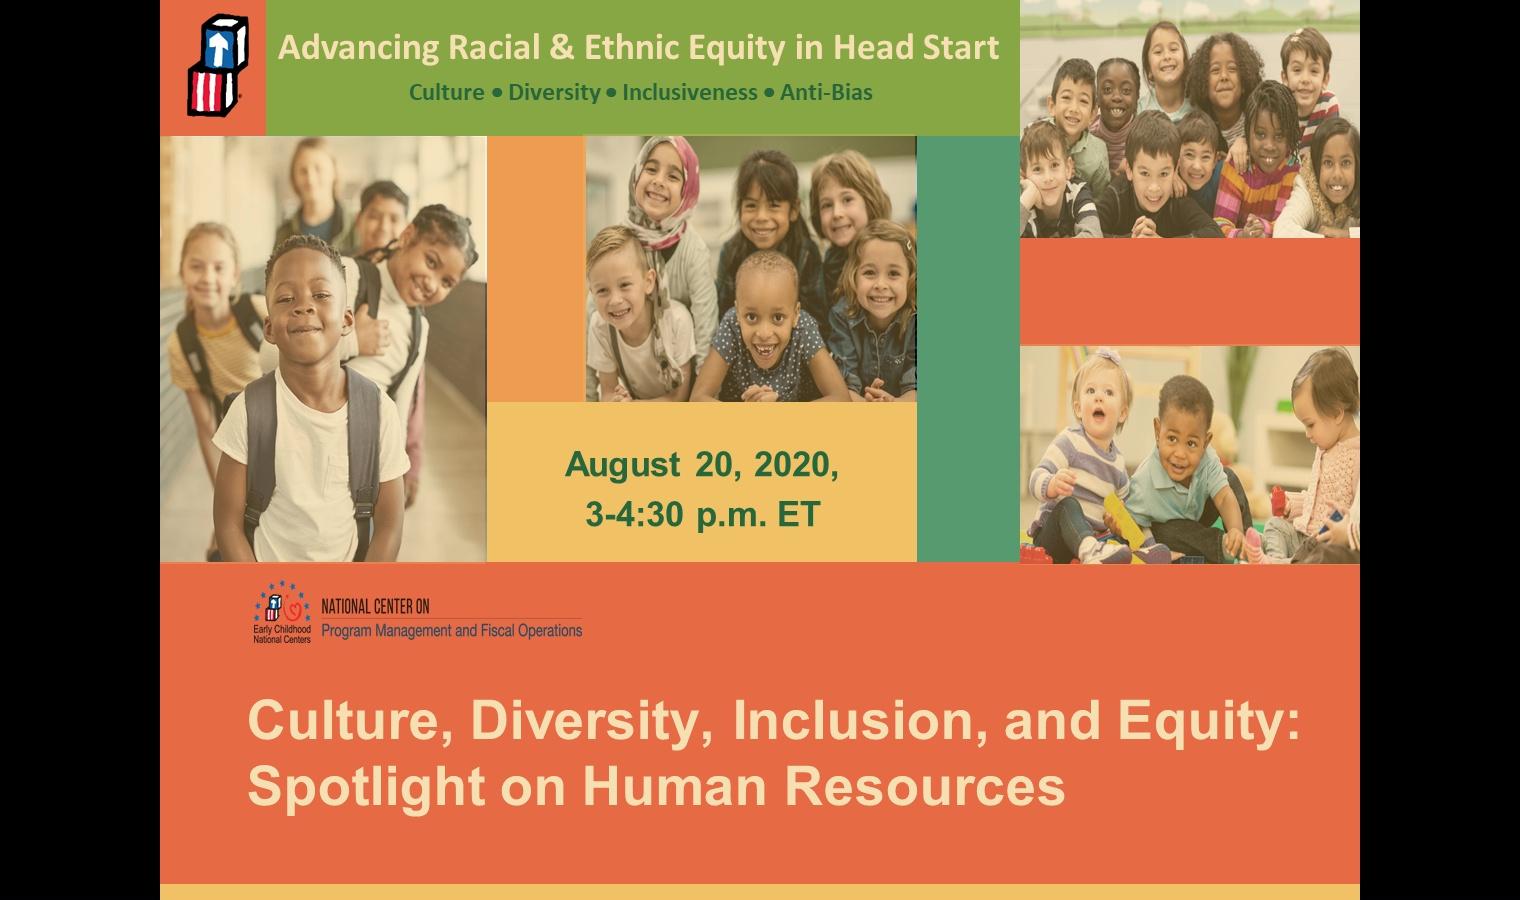 Cultura, diversidad, inclusión y equidad (CDIE): Atención a los sistemas de recursos humanos